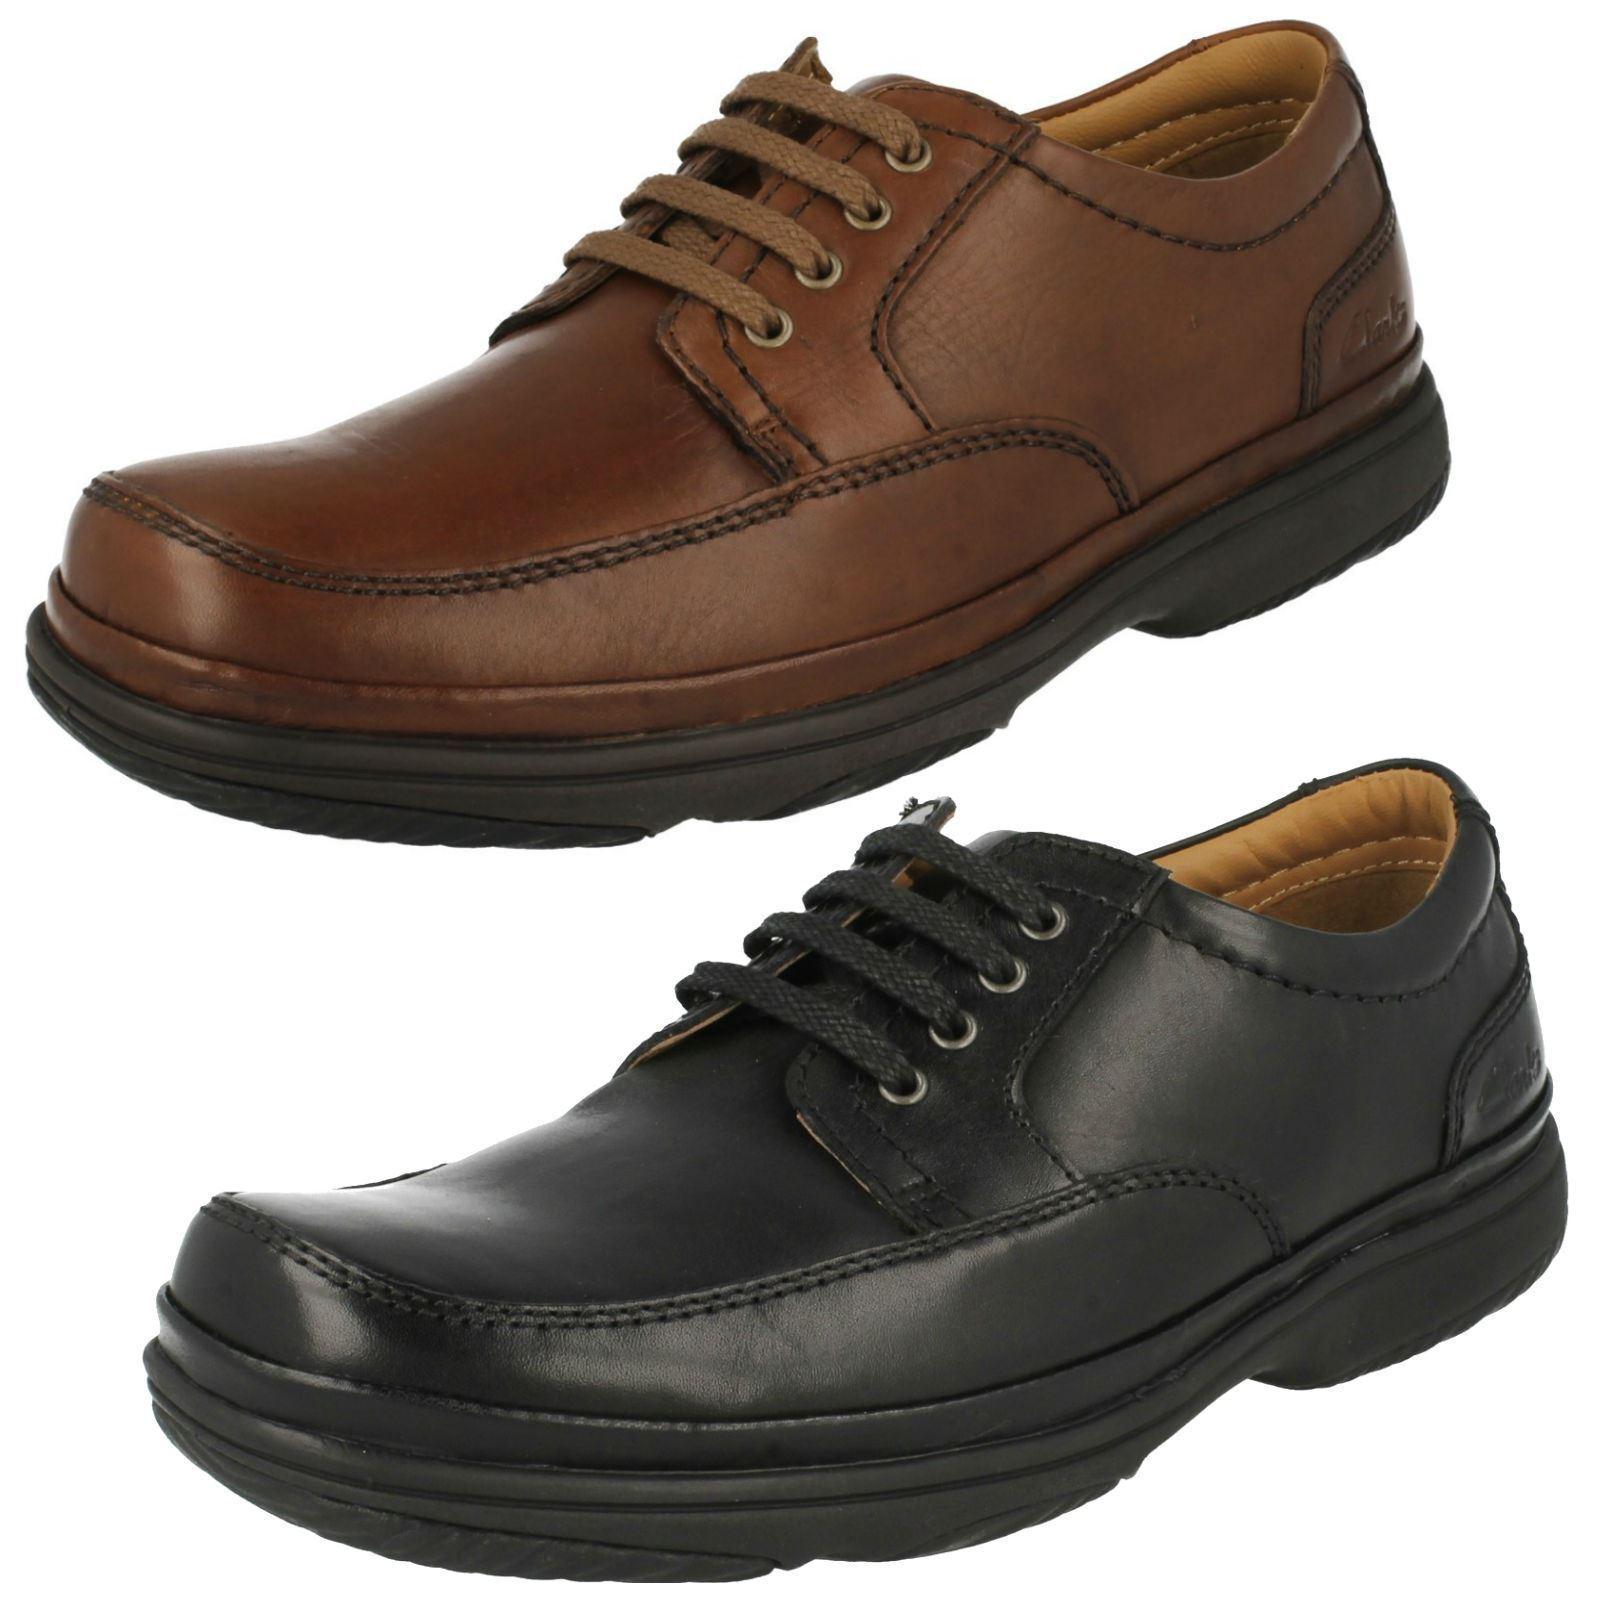 Clarks Swift Meile Herren Braun oder Schwarzes Leder Breite Passform Schuhe (H